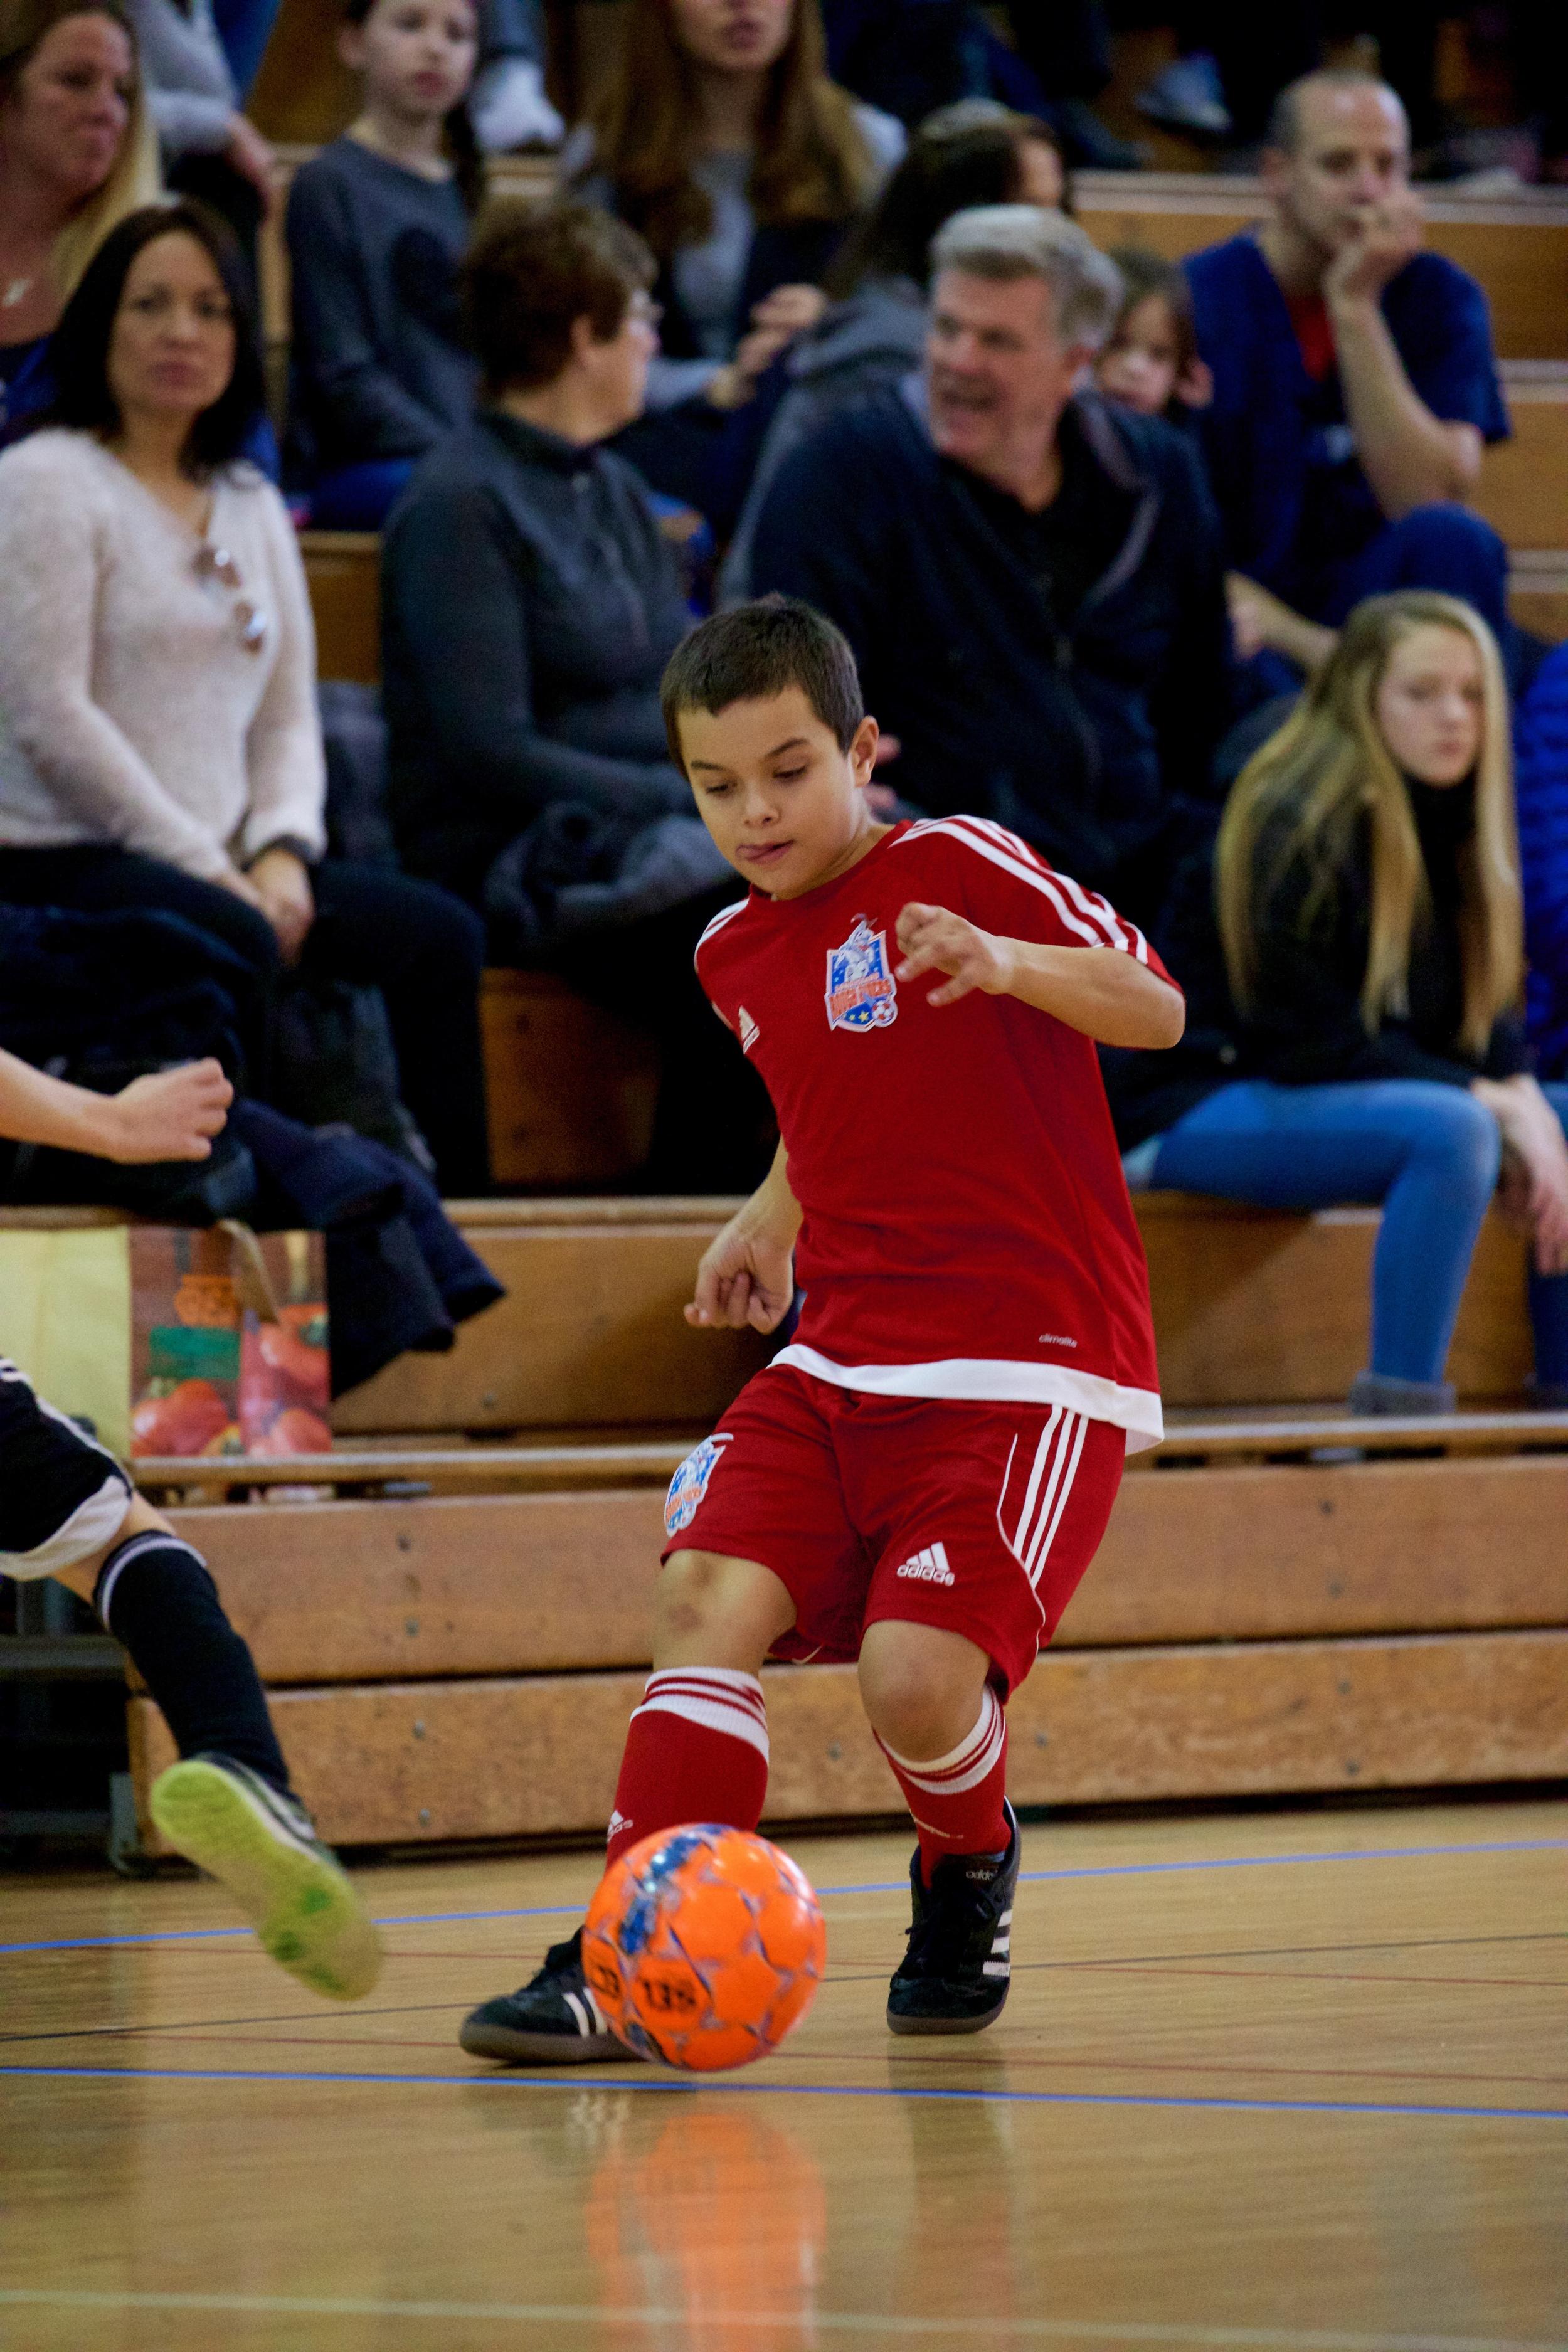 soccer 2 (20 of 31).jpg